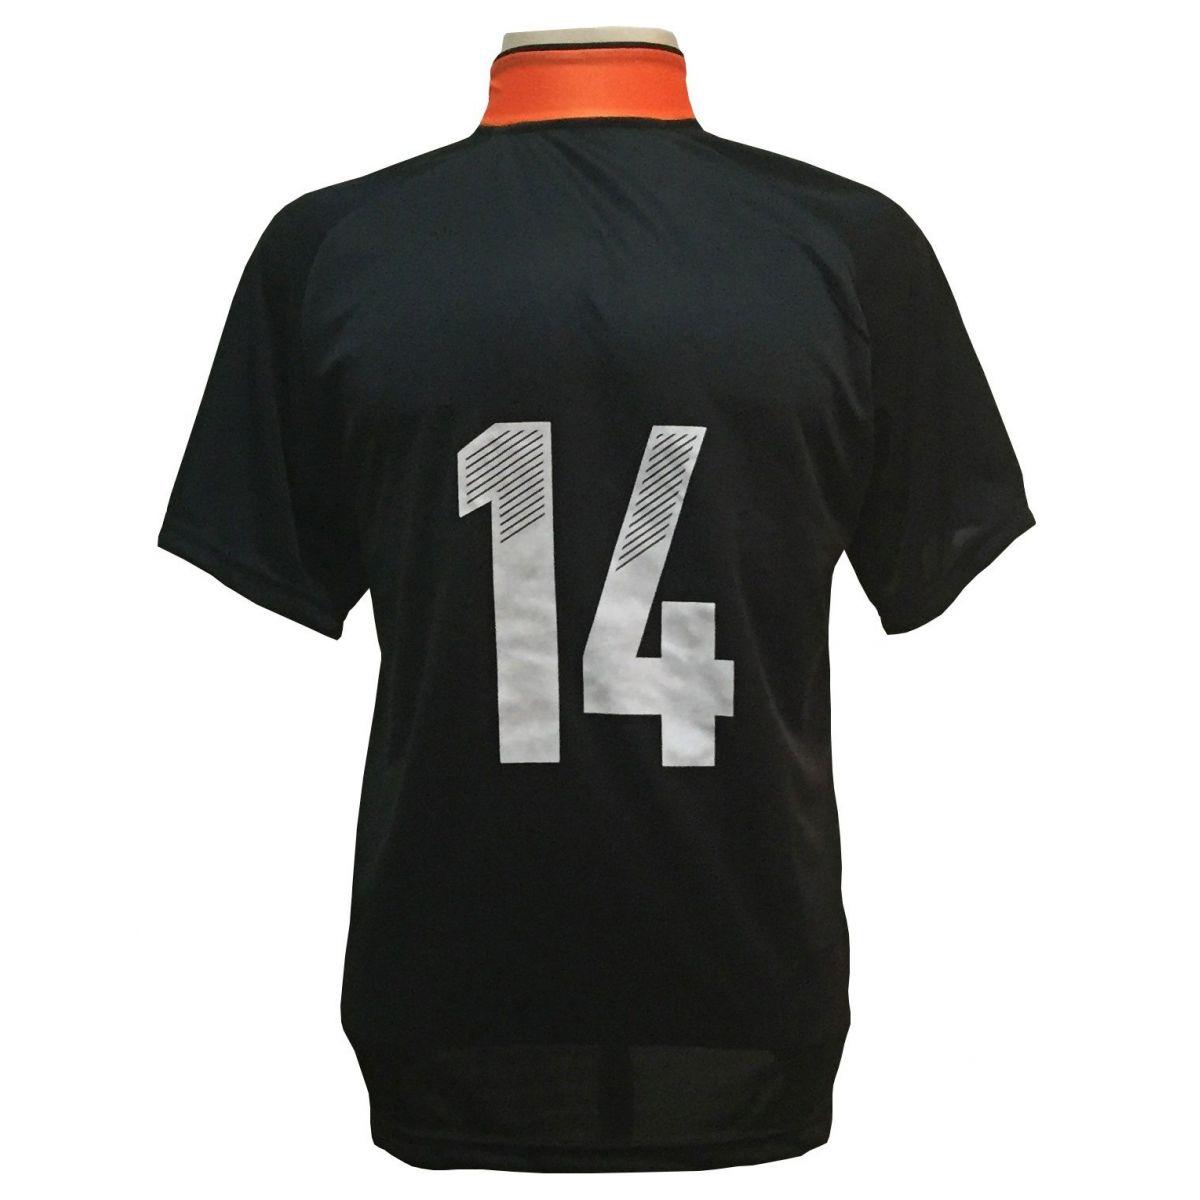 Uniforme Esportivo com 18 camisas modelo Milan Preto/Laranja + 18 calções modelo Madrid Preto + 18 pares de meiões Laranja